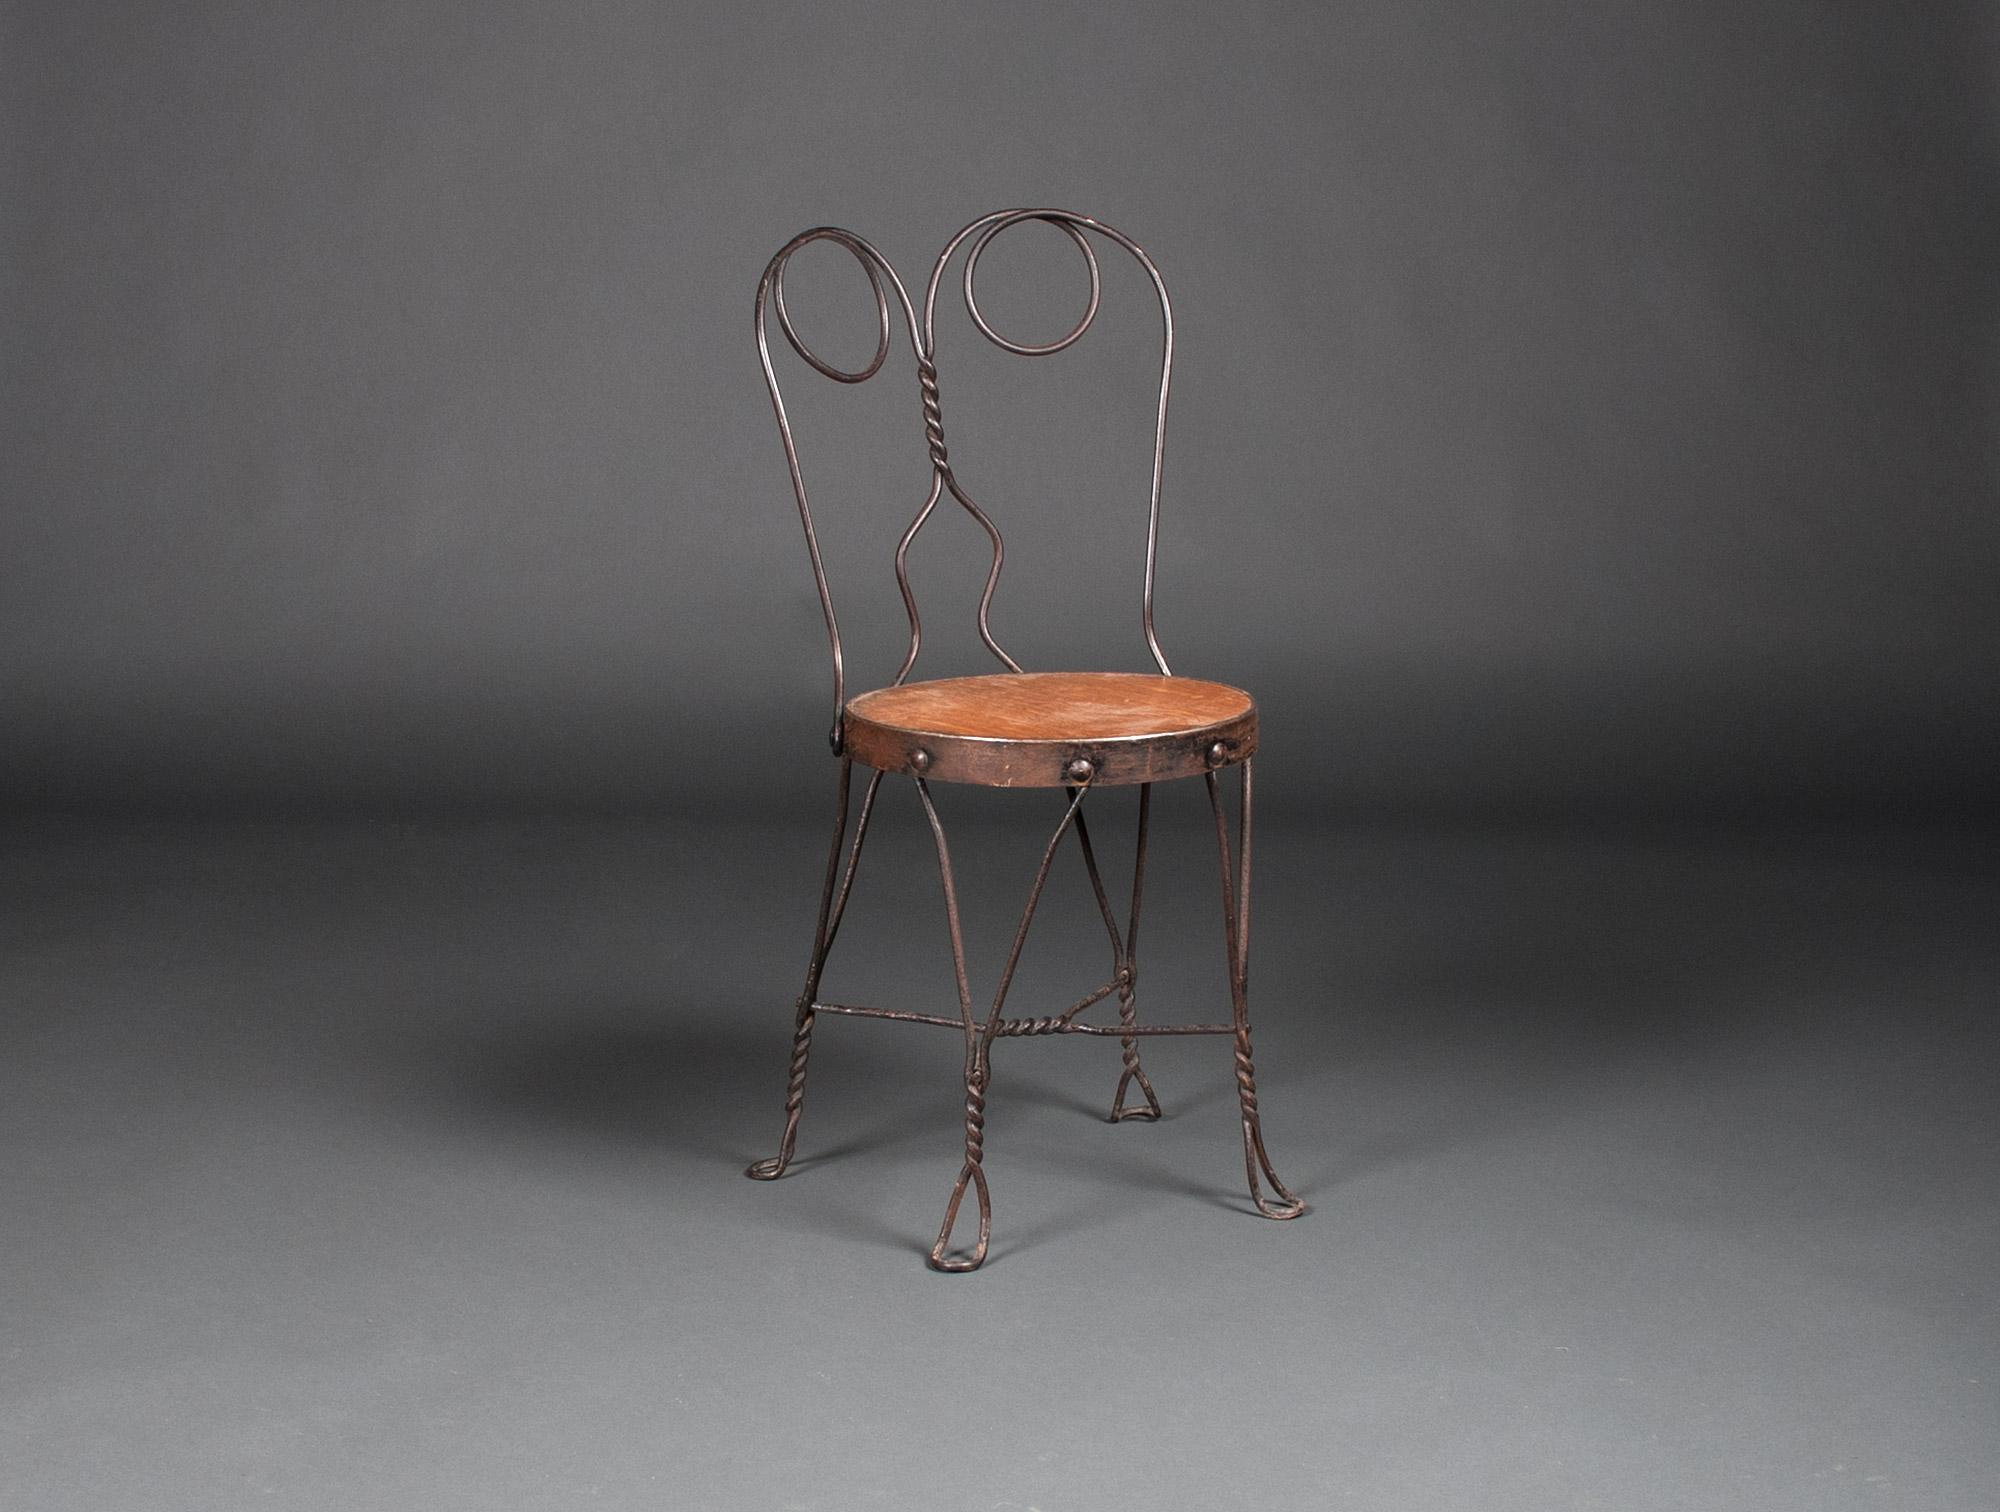 dix chaises de kiosques soubrier louer mobiliers meuble de jardin xxe. Black Bedroom Furniture Sets. Home Design Ideas